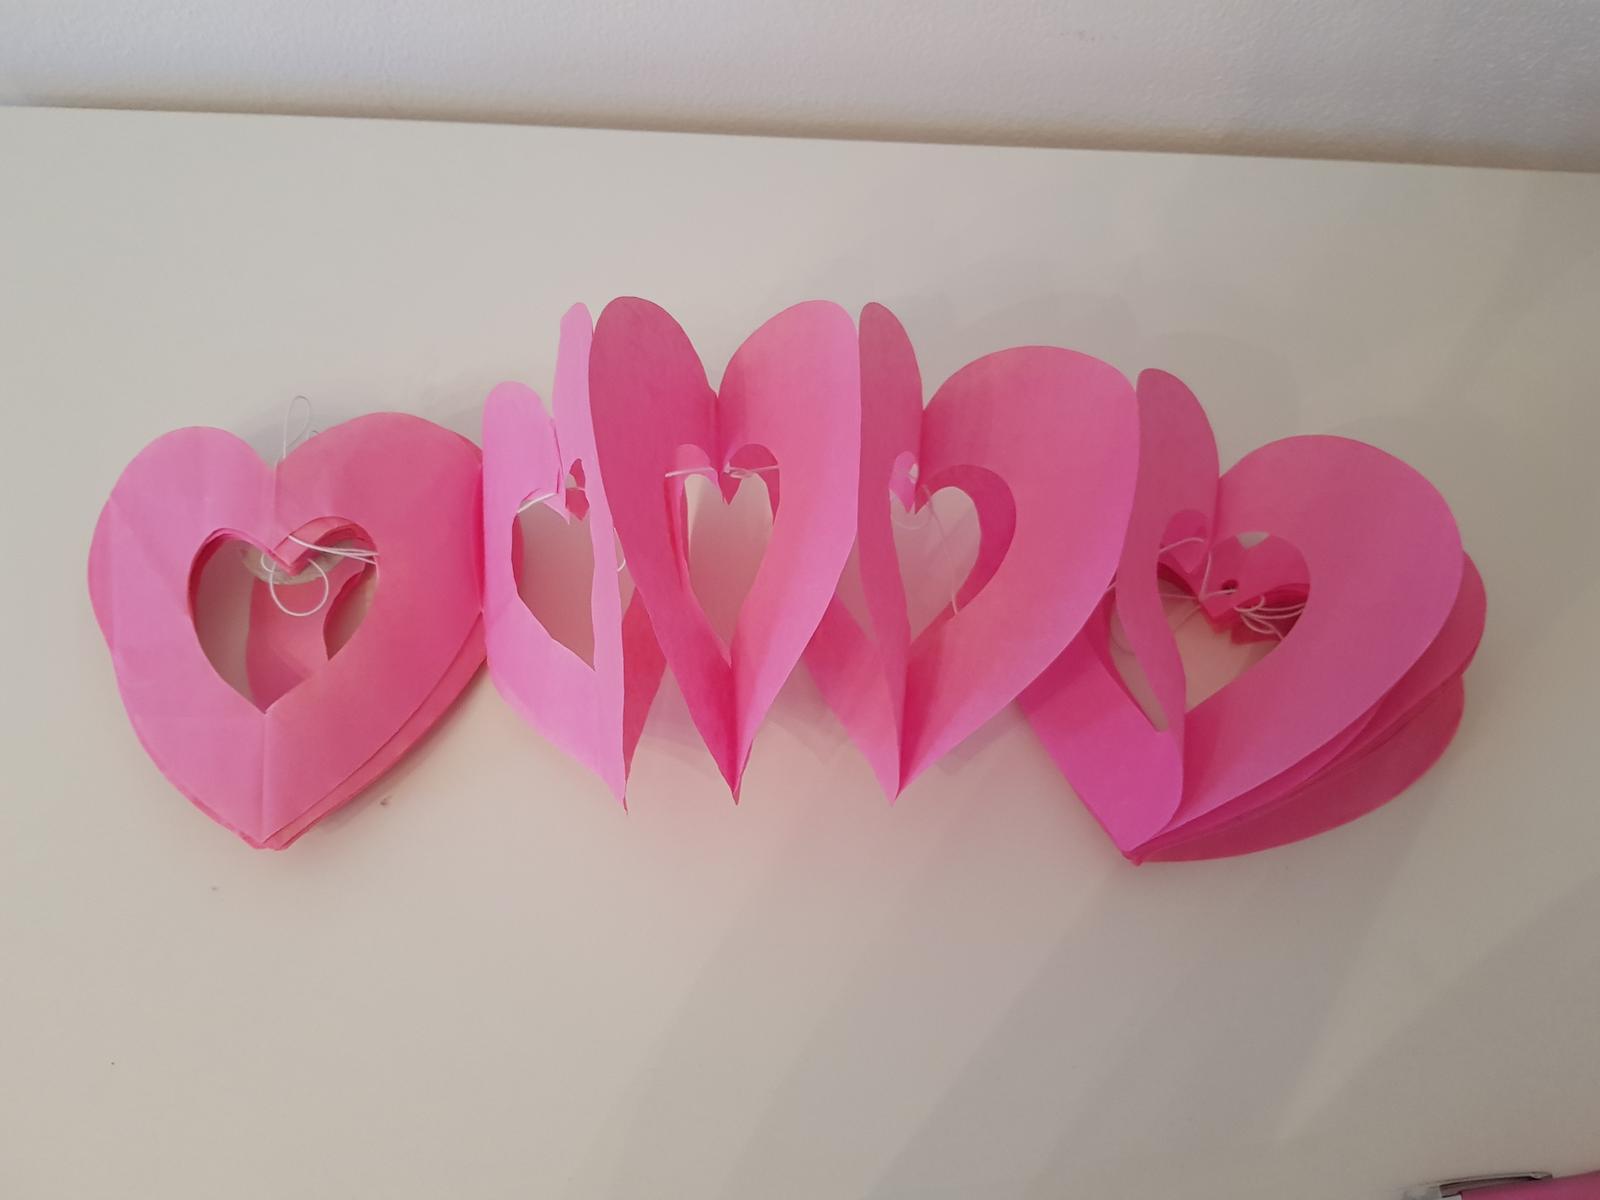 Girlanda srdce 3m - Obrázok č. 1